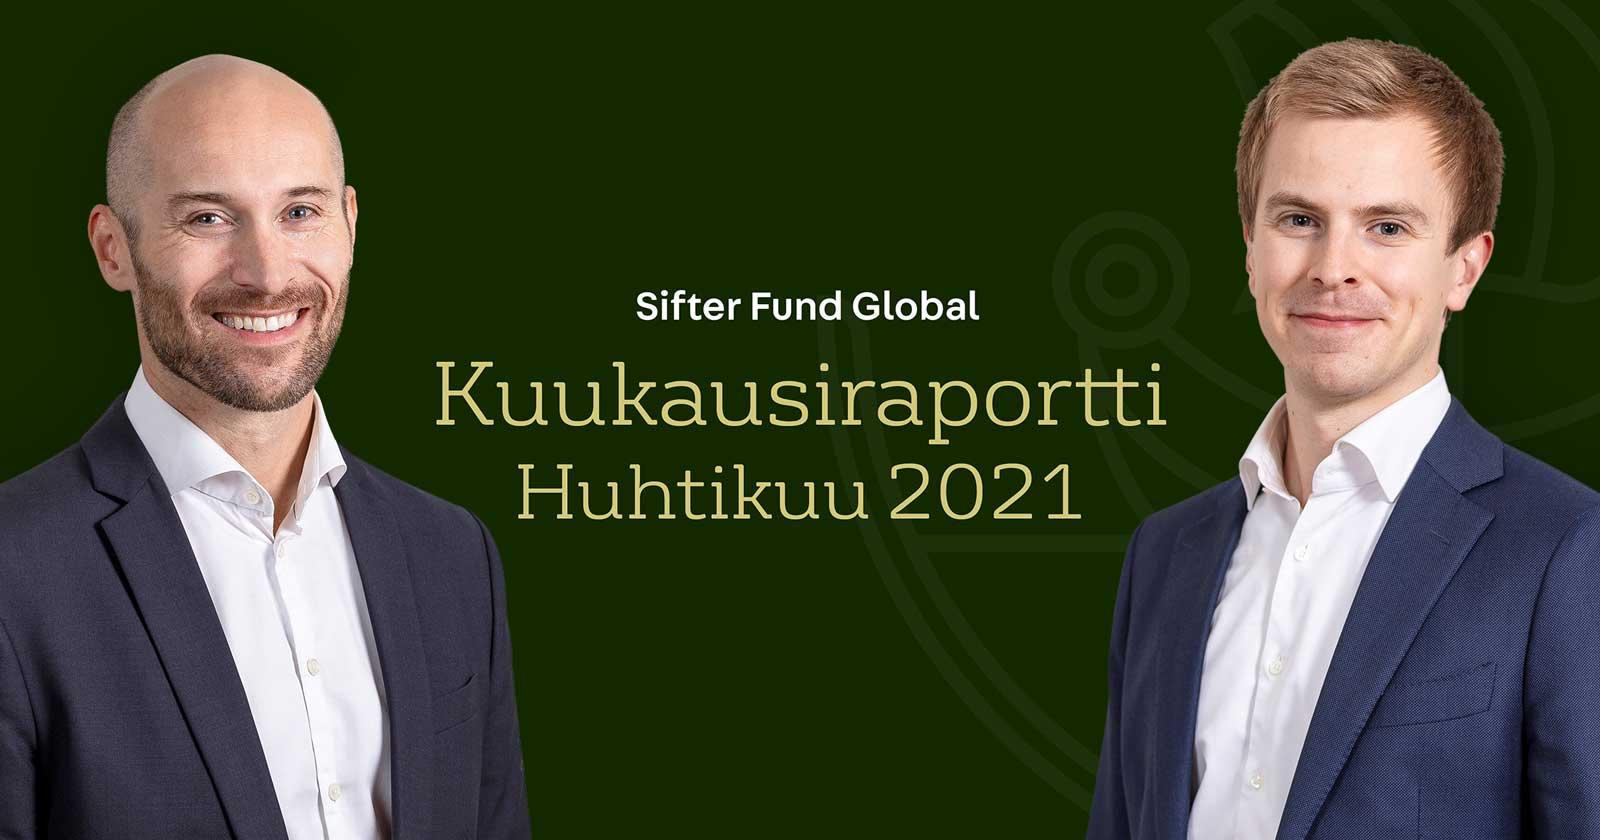 Sifter Fund Global kuukausiraportti 4/2021 Video